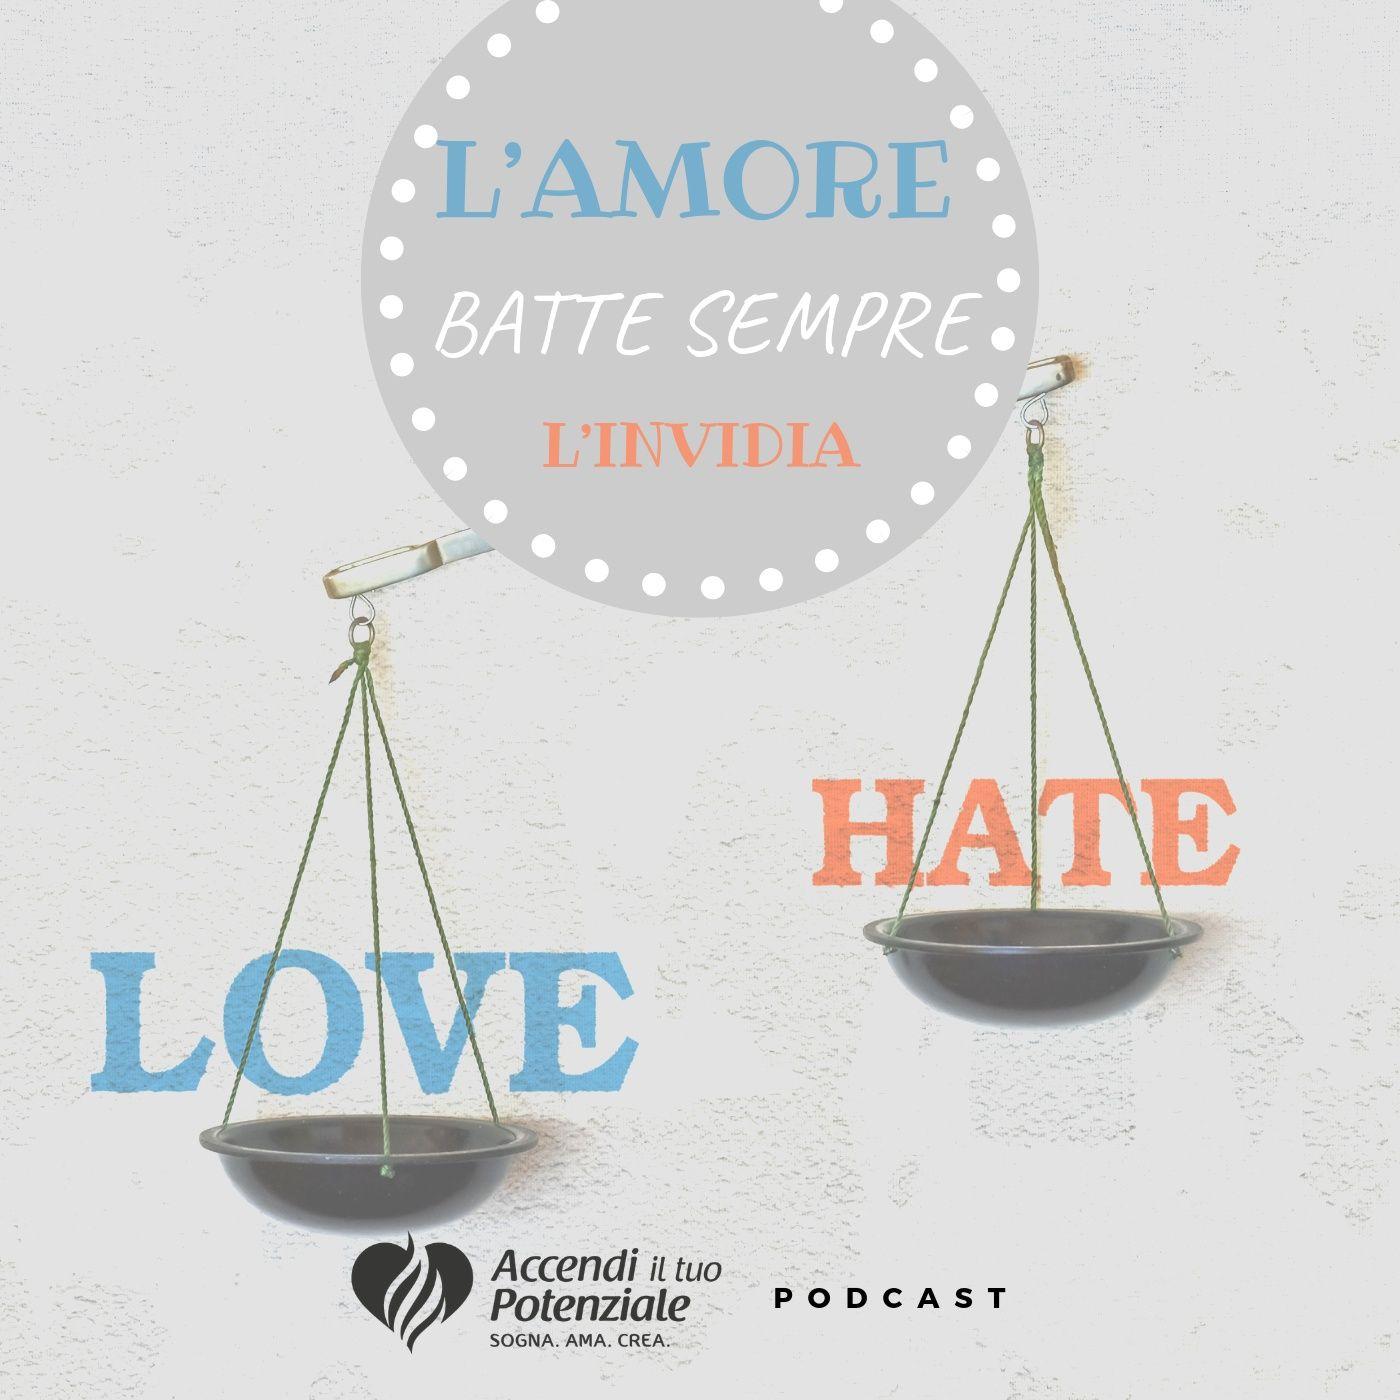 Ep. 6 - Come affrontare l'invidia altrui